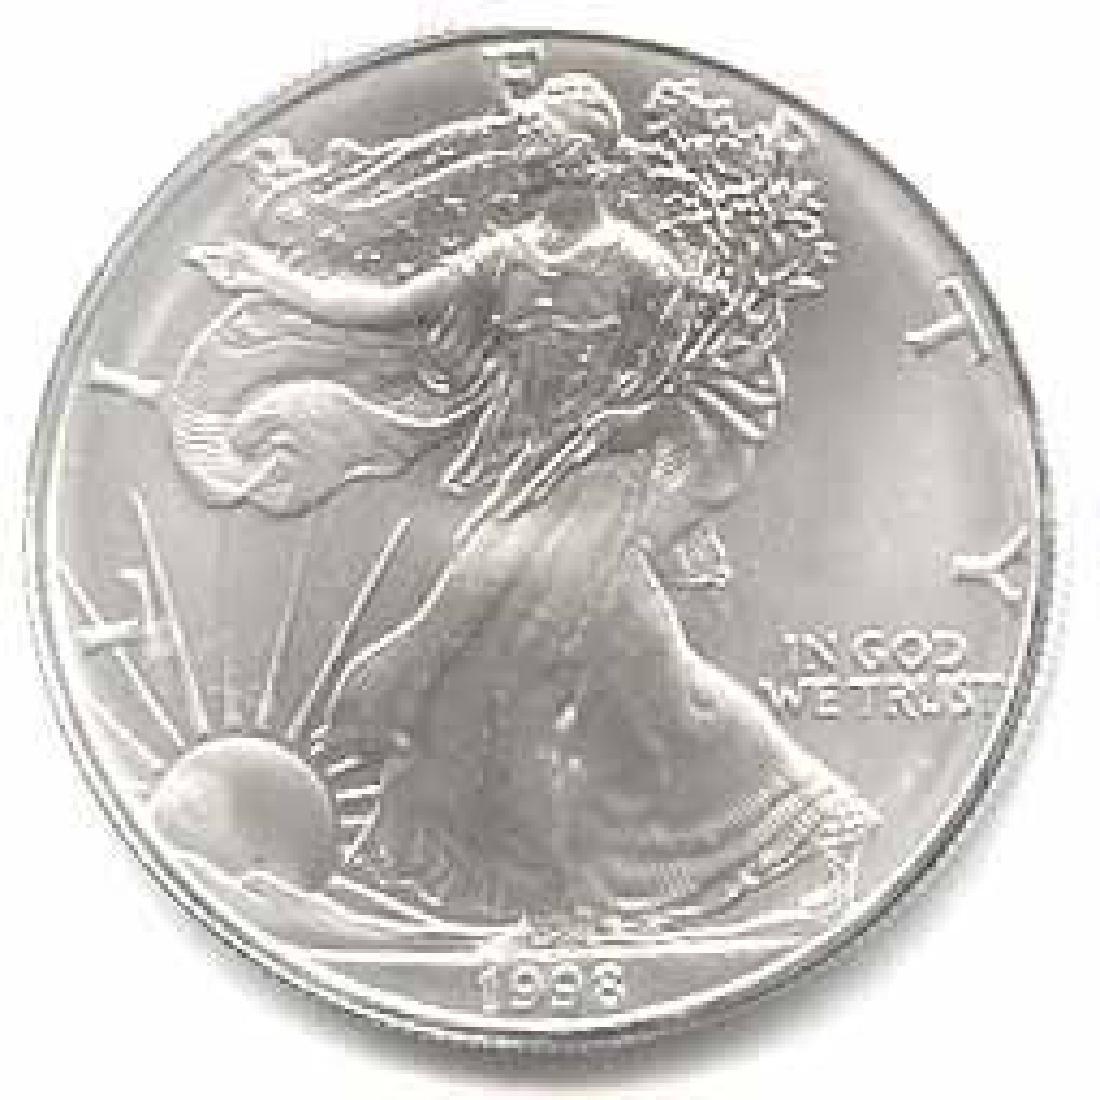 1998 1 oz Silver American Eagle BU